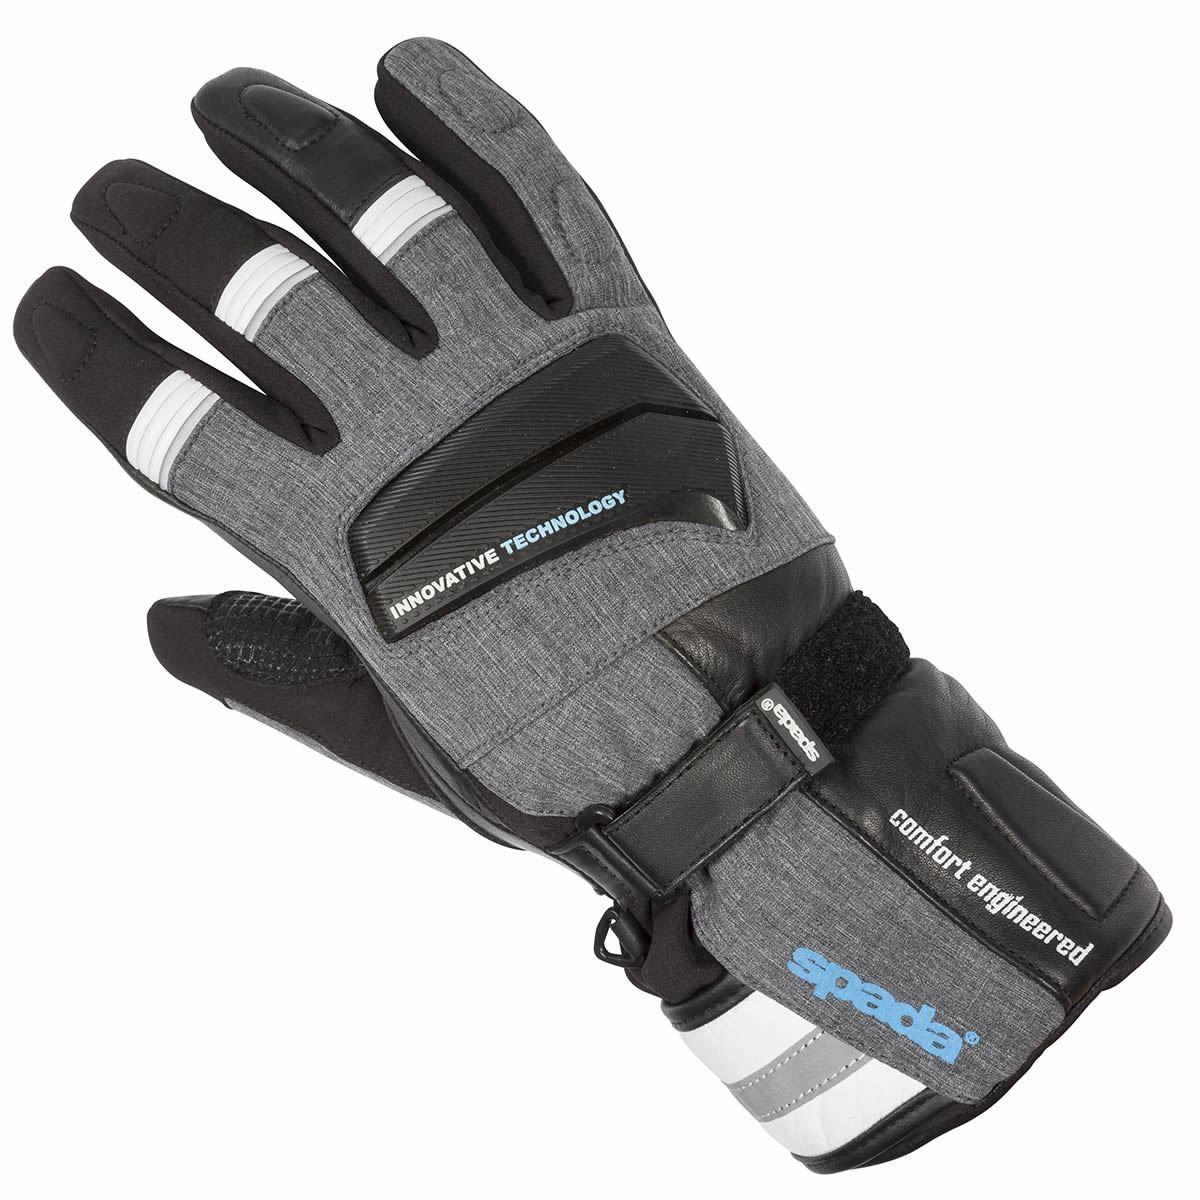 Spada-Latour-Waterproof-Winter-Gloves-Motorcycle-Motorbike-Thermal-Touring thumbnail 13